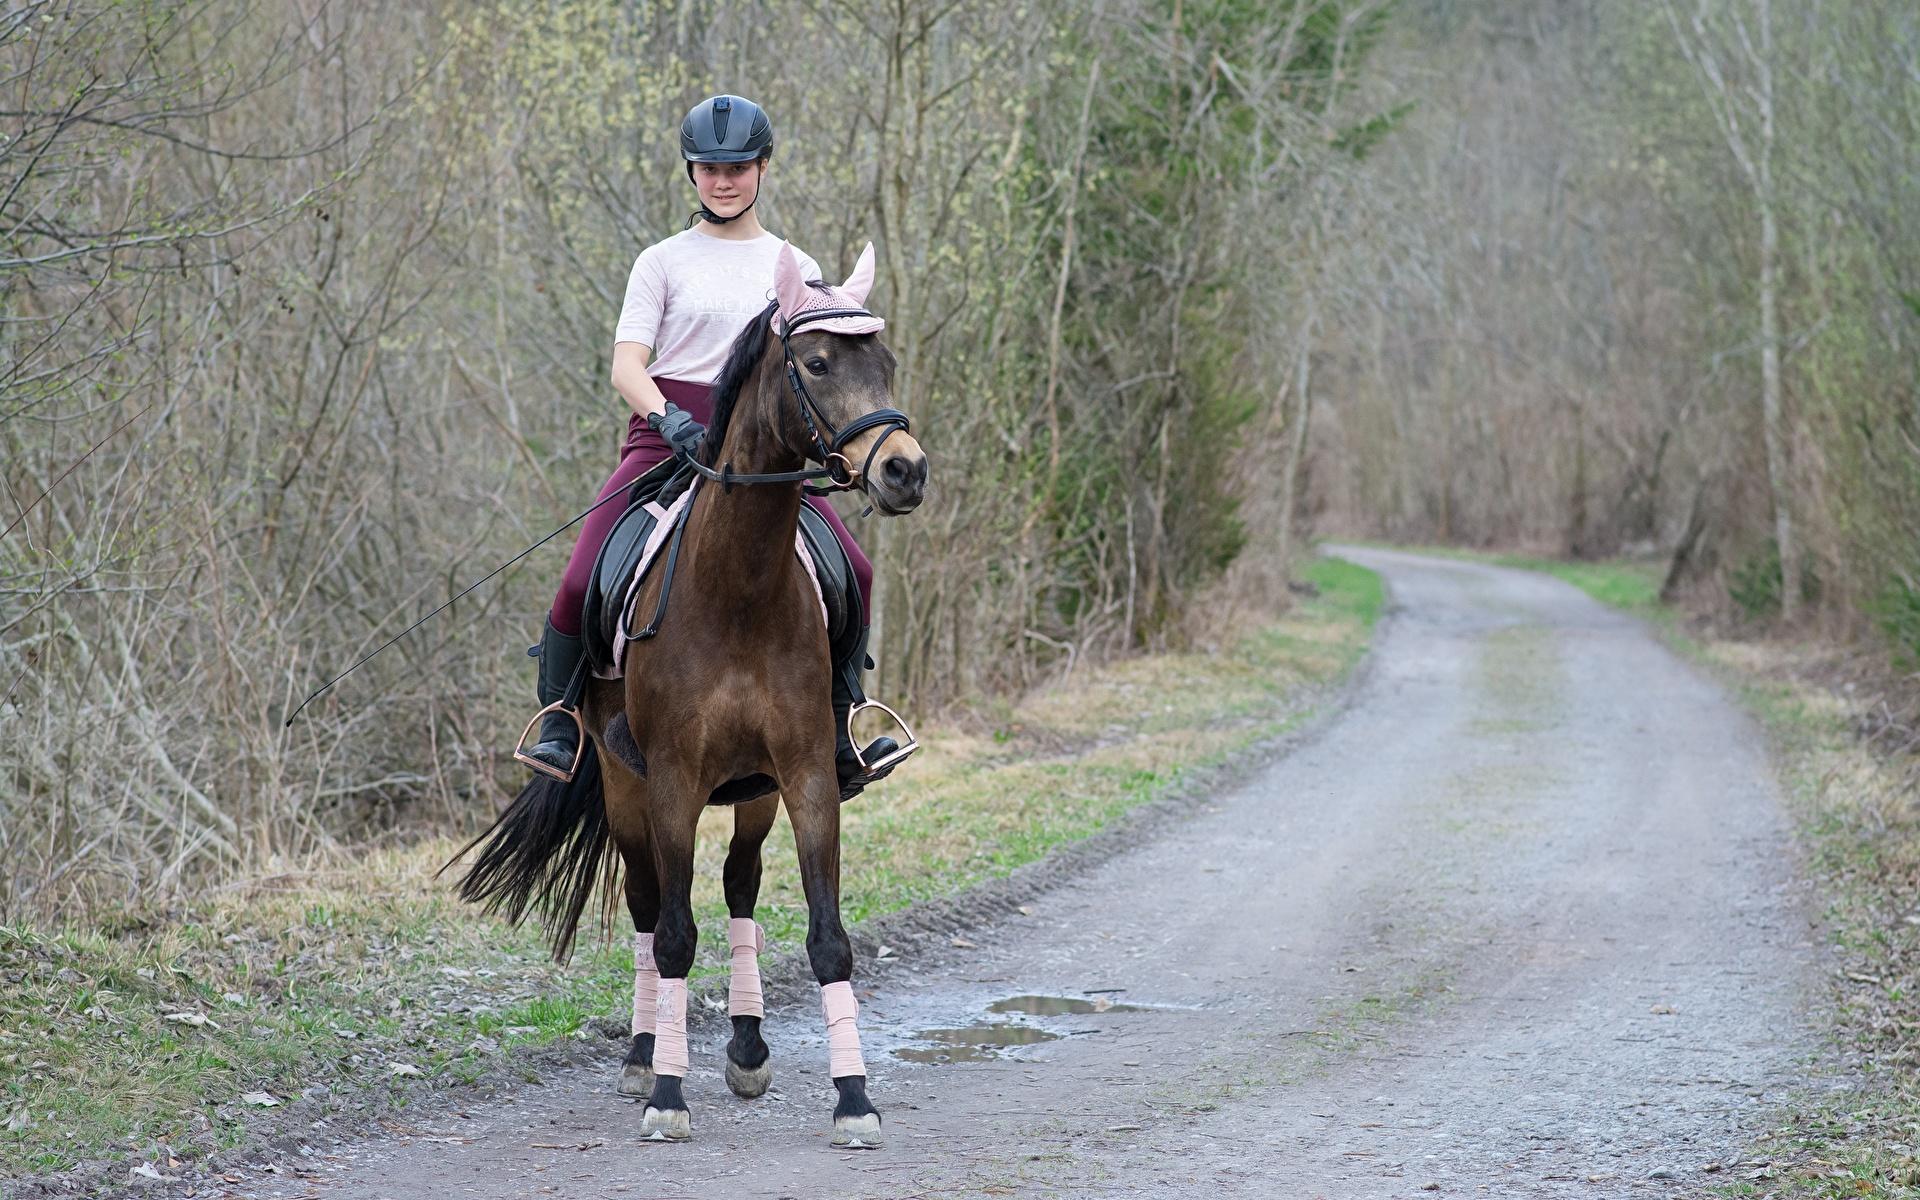 1920x1200 Routes Cheval Casque S'asseyant jeune femme, jeunes femmes, chevaux, assise, assis, assises Filles